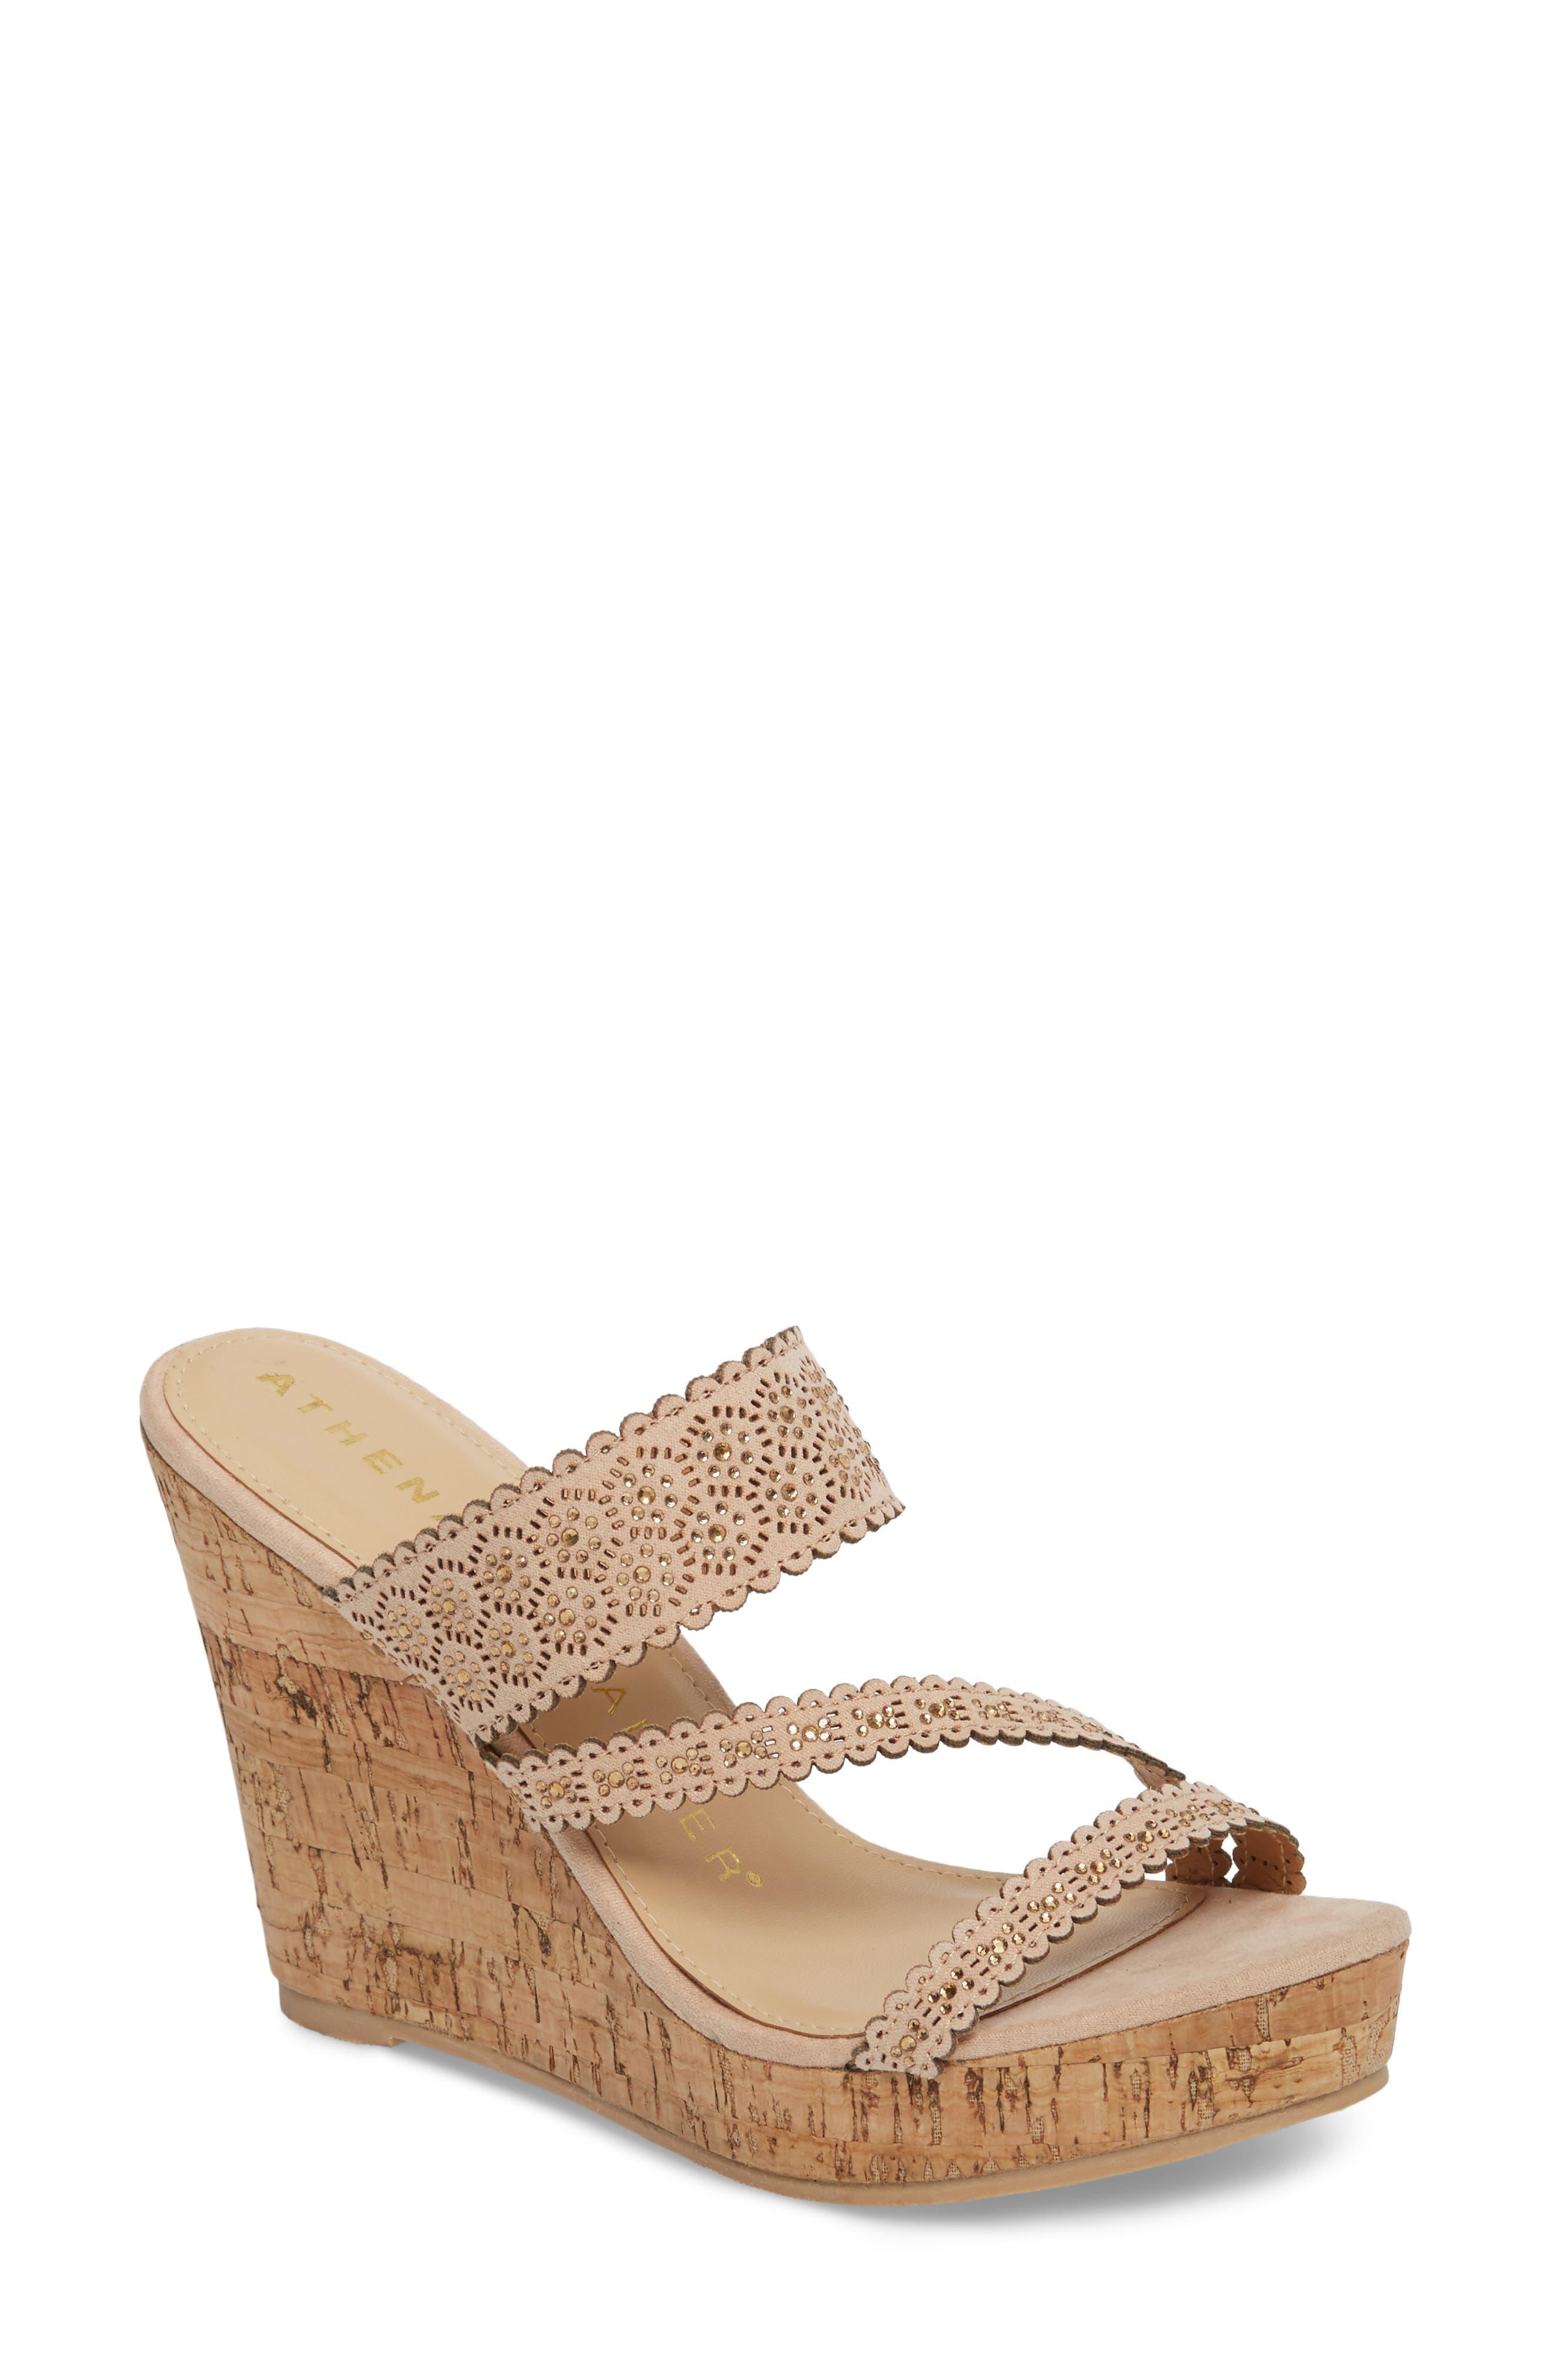 Athena Alexander Aerin Embellished Wedge Sandal, Pink